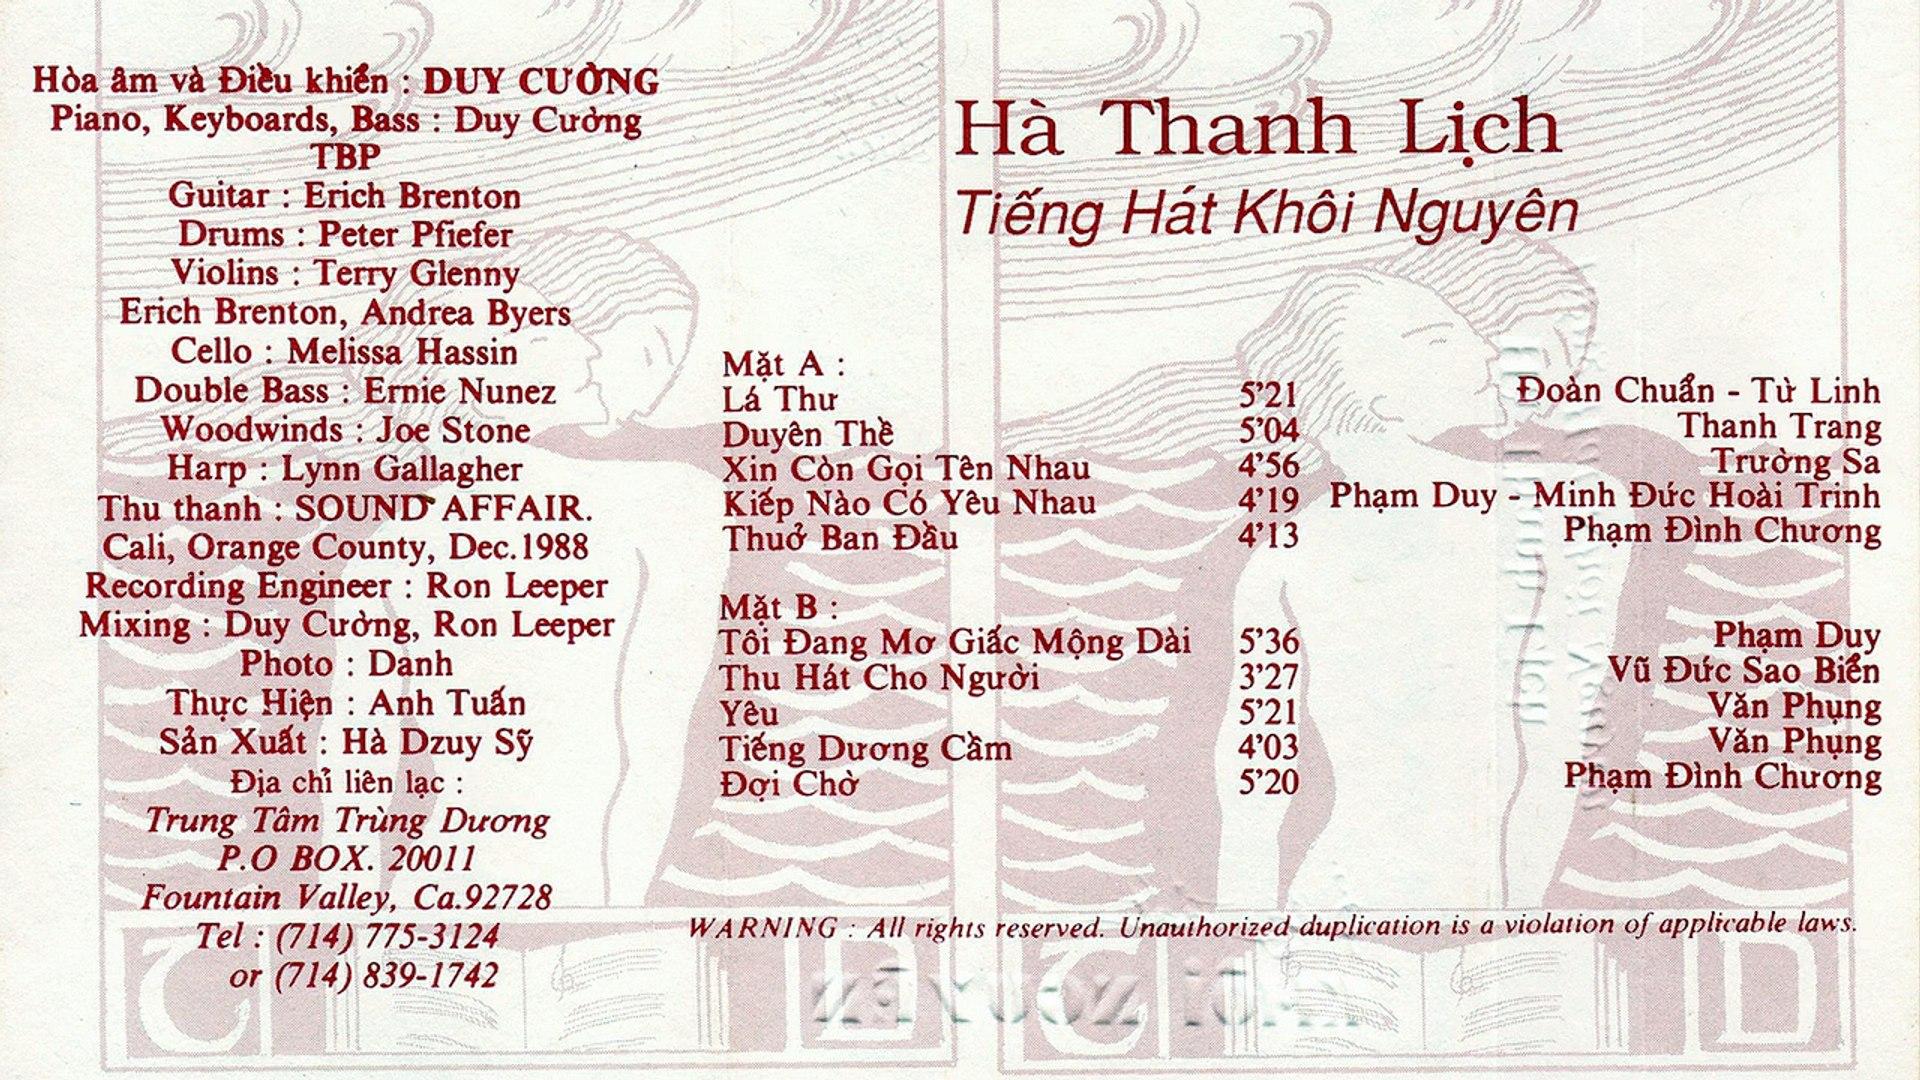 Hà Thanh Lịch - Tiếng Hát Khôi Nguyên